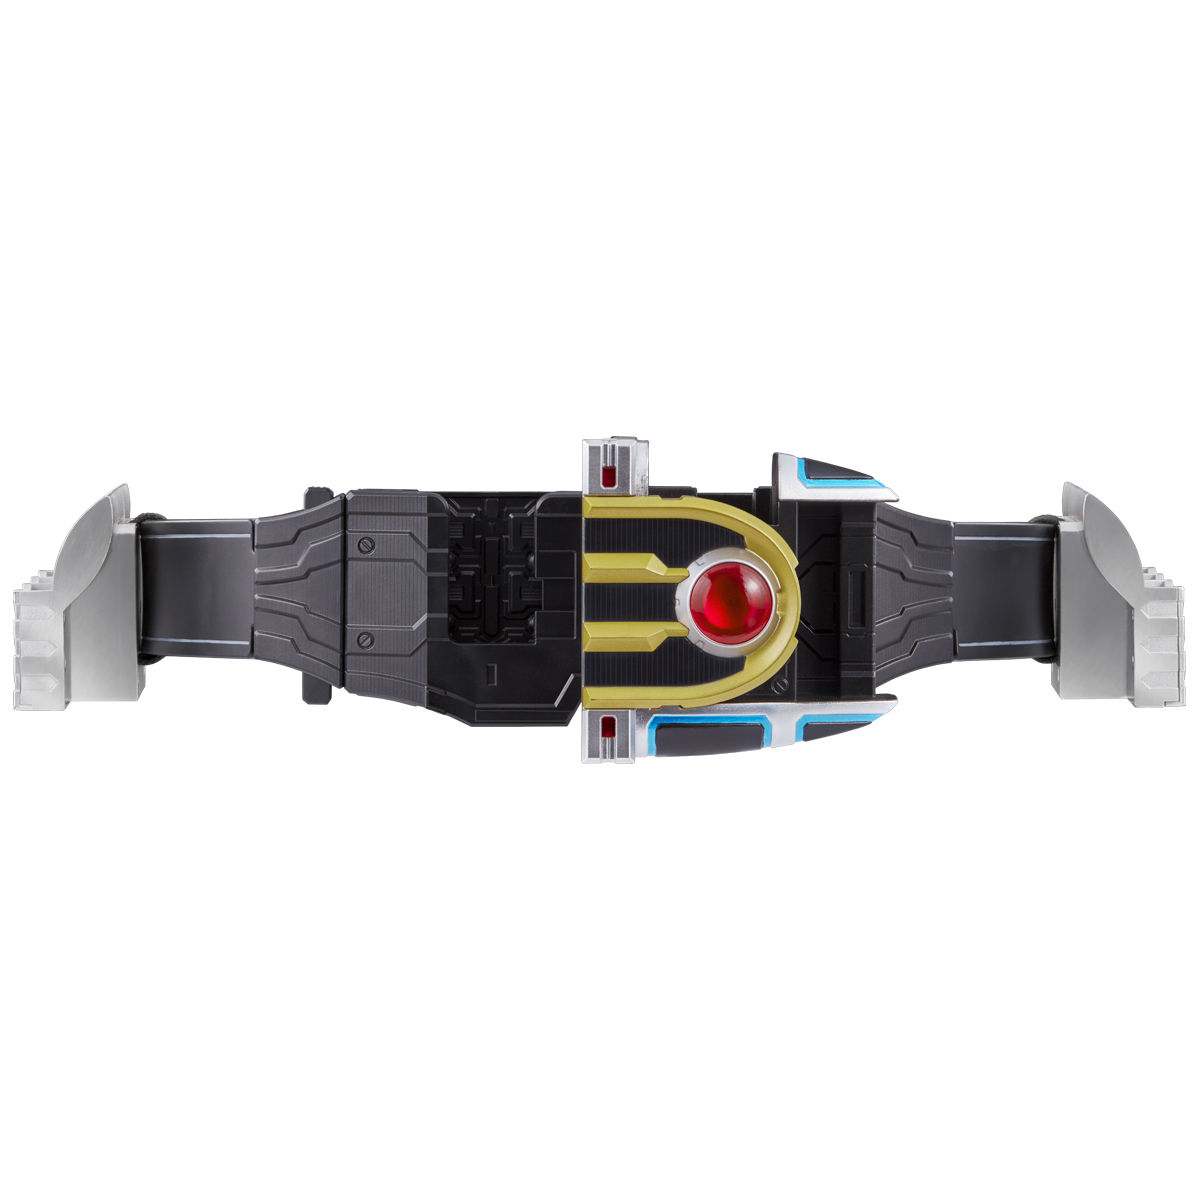 【限定販売】CSM『イクサベルト&イクサライザー』仮面ライダーキバ 変身なりきり-003